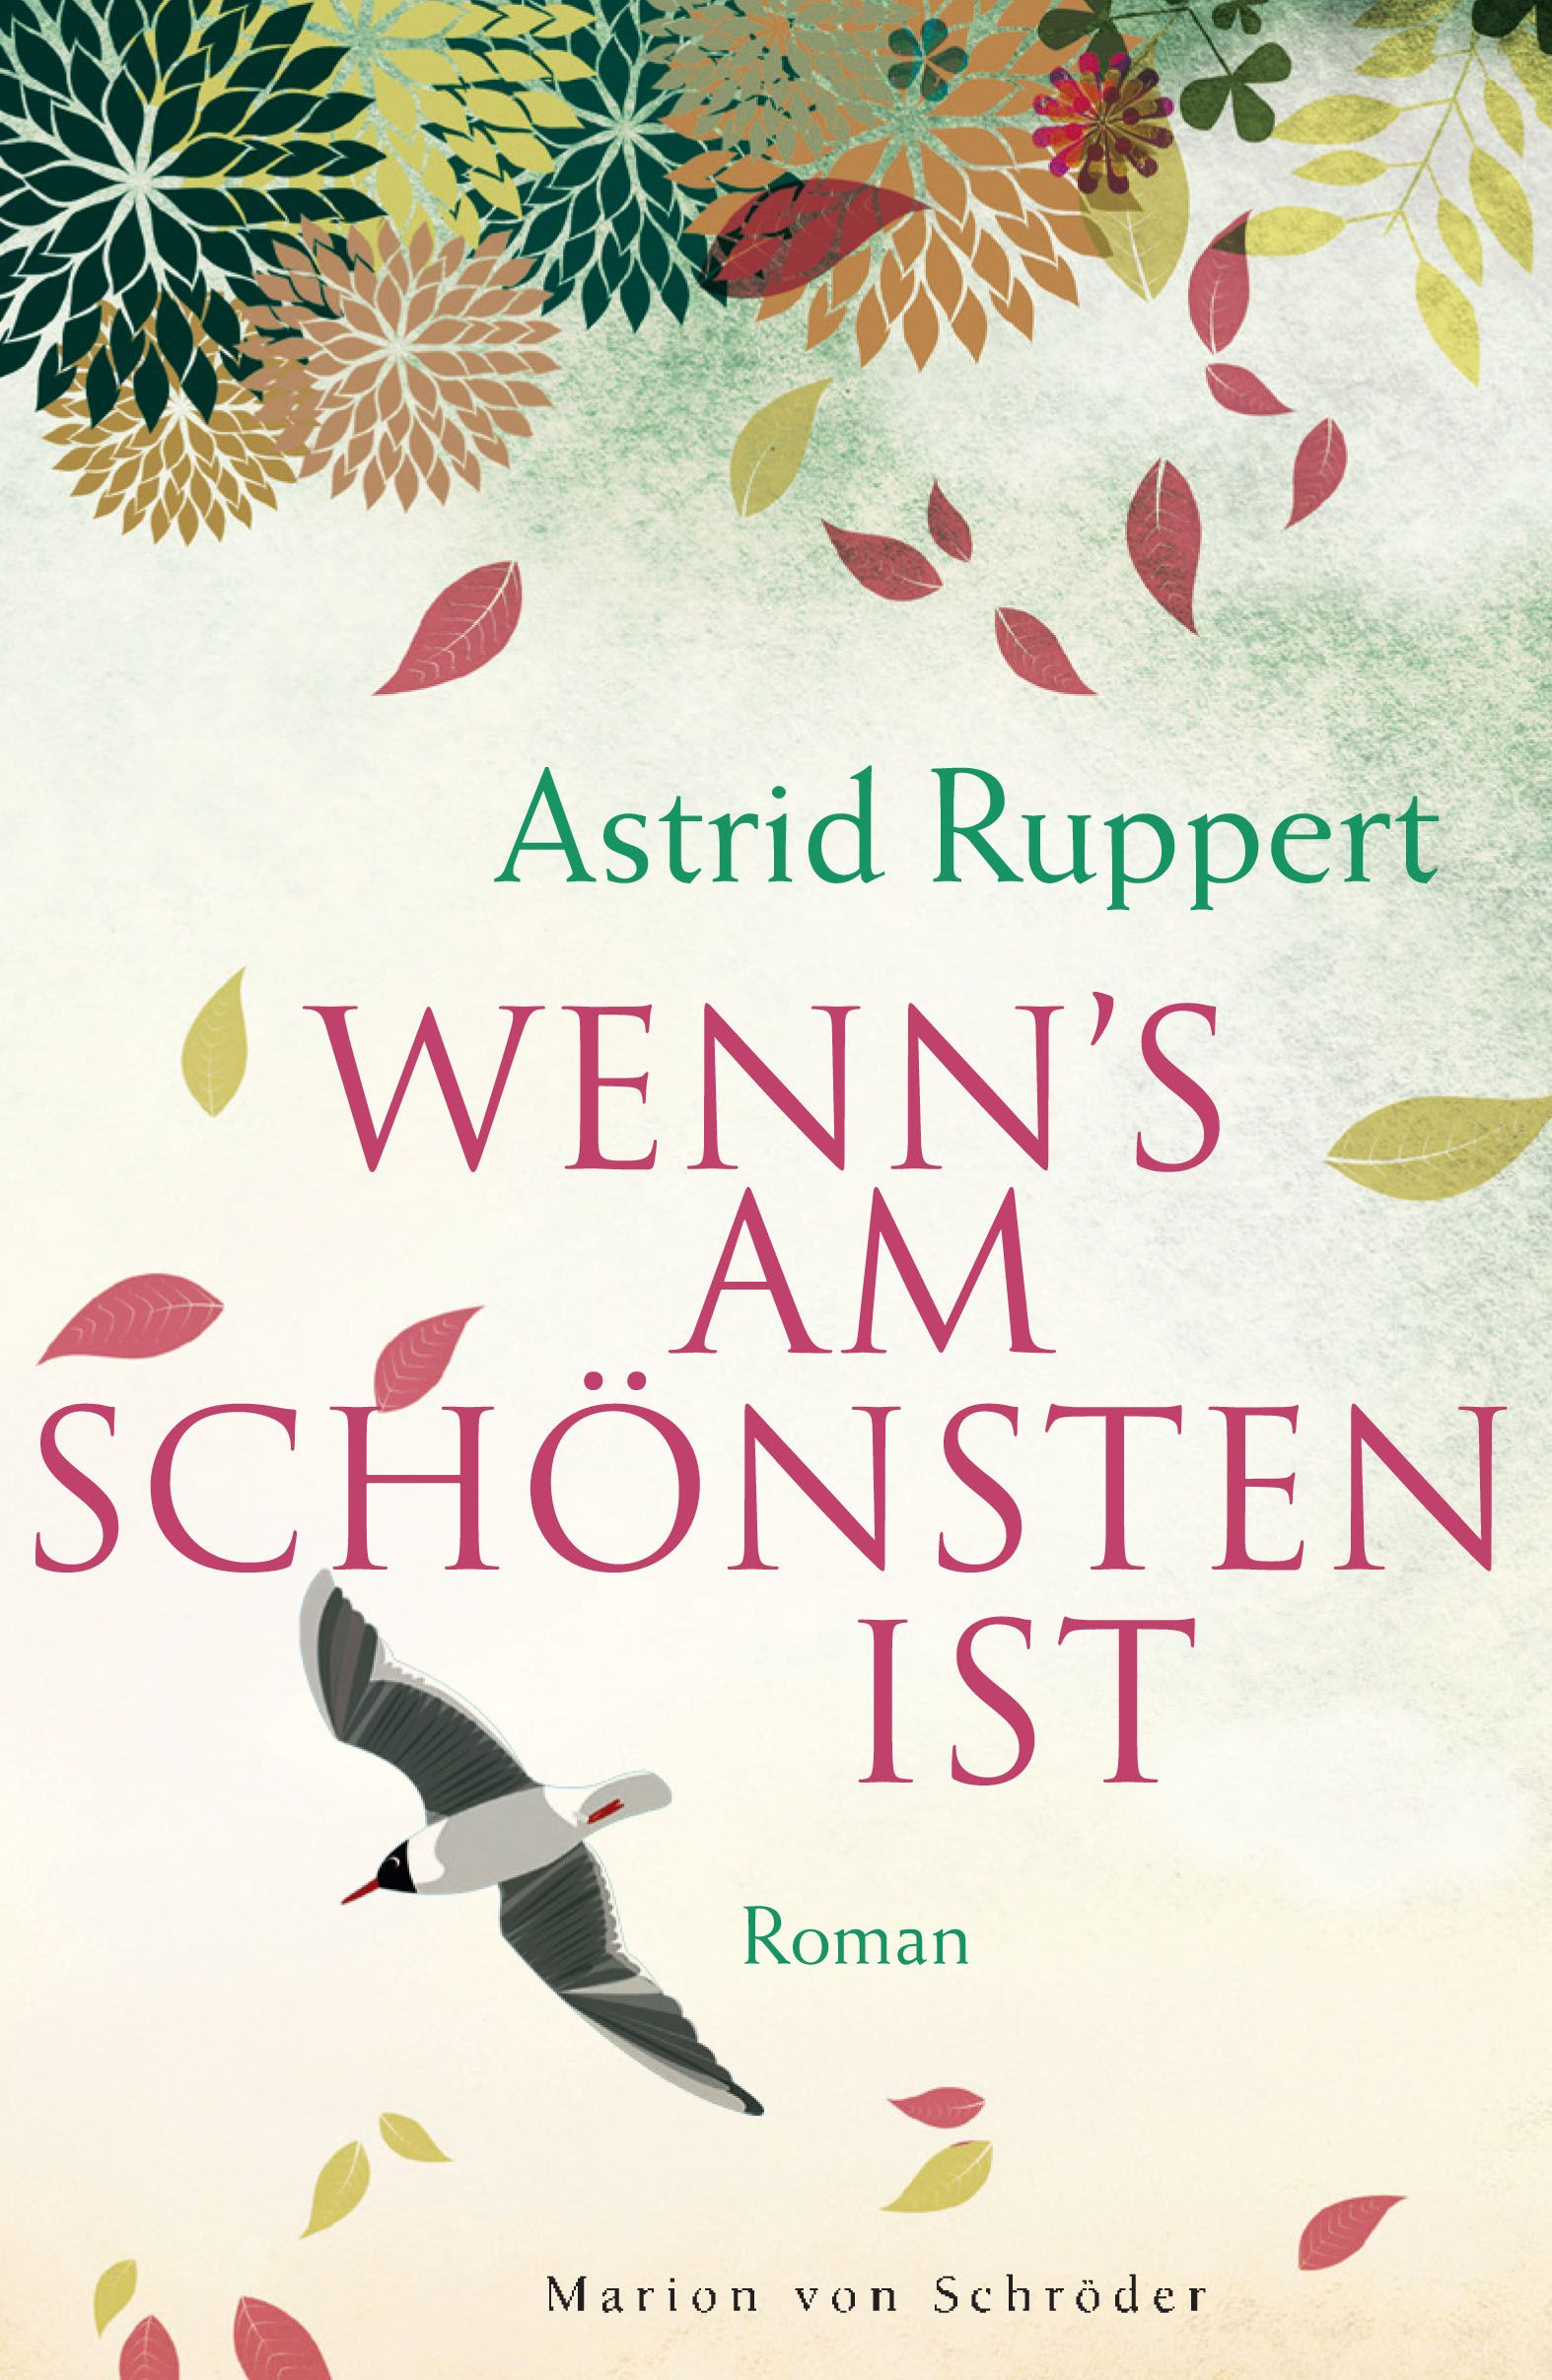 Astrid Ruppert: Wenn's am Schönsten ist (Marion von Schröder Verlag)